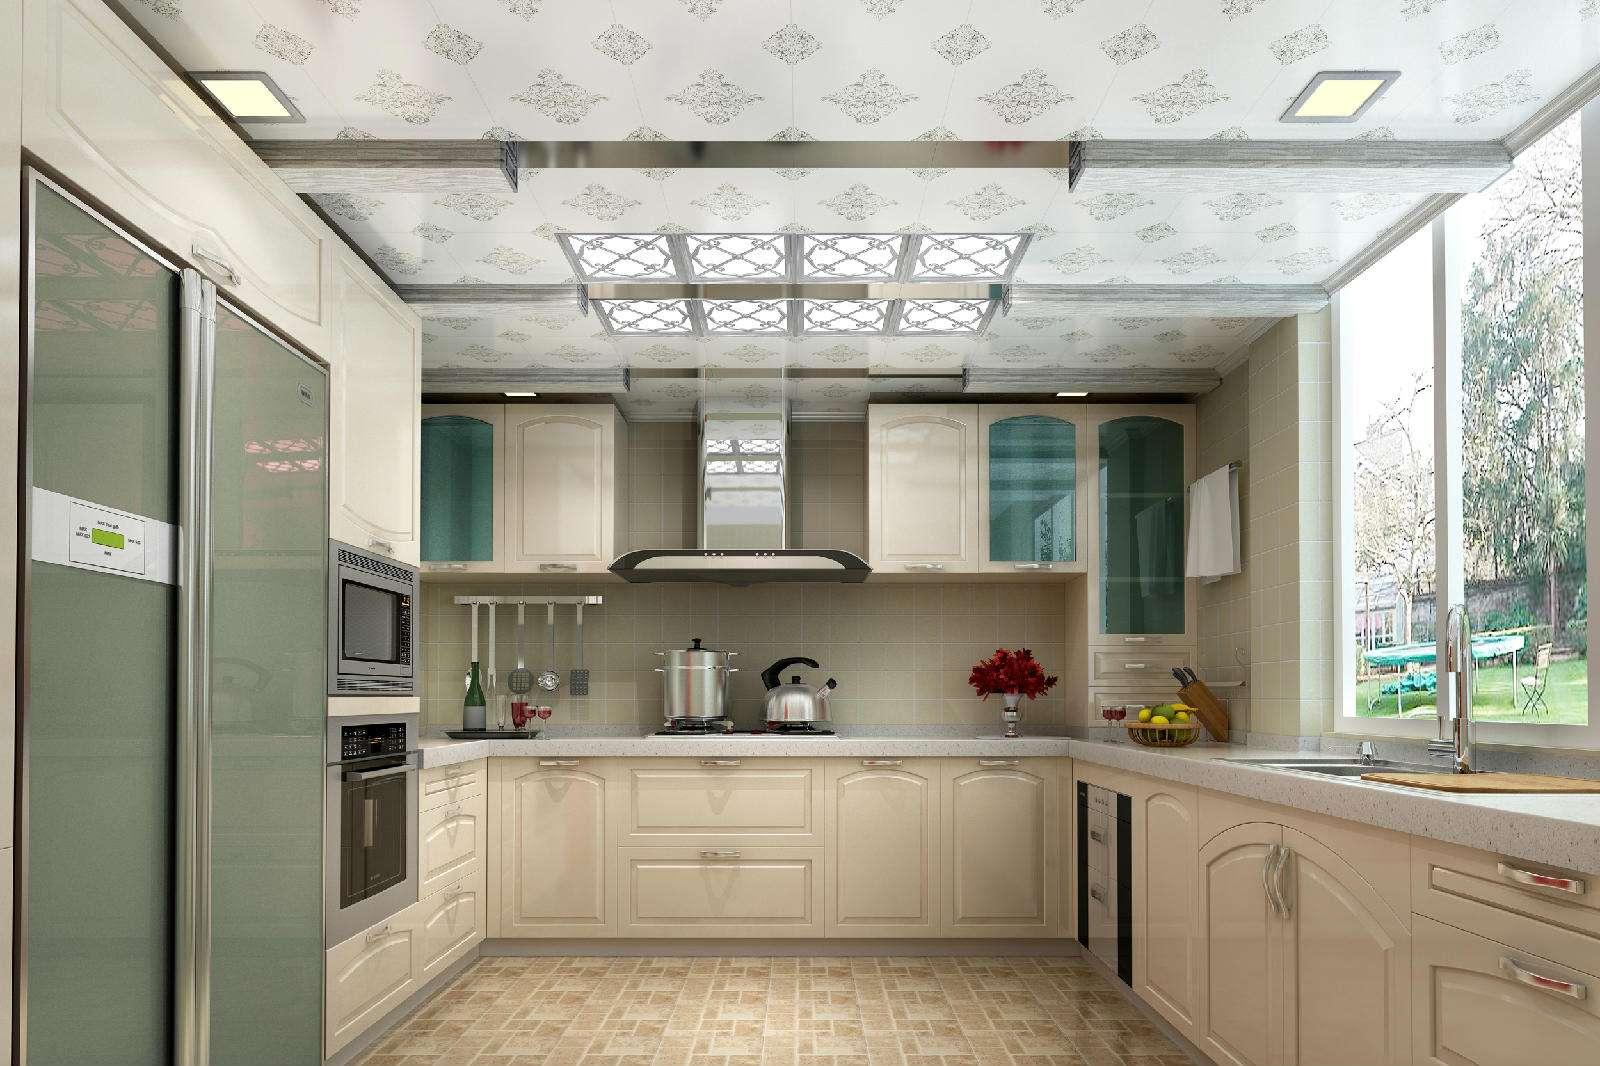 厨房吊顶用什么材料好—厨房用什么材料吊顶比较好